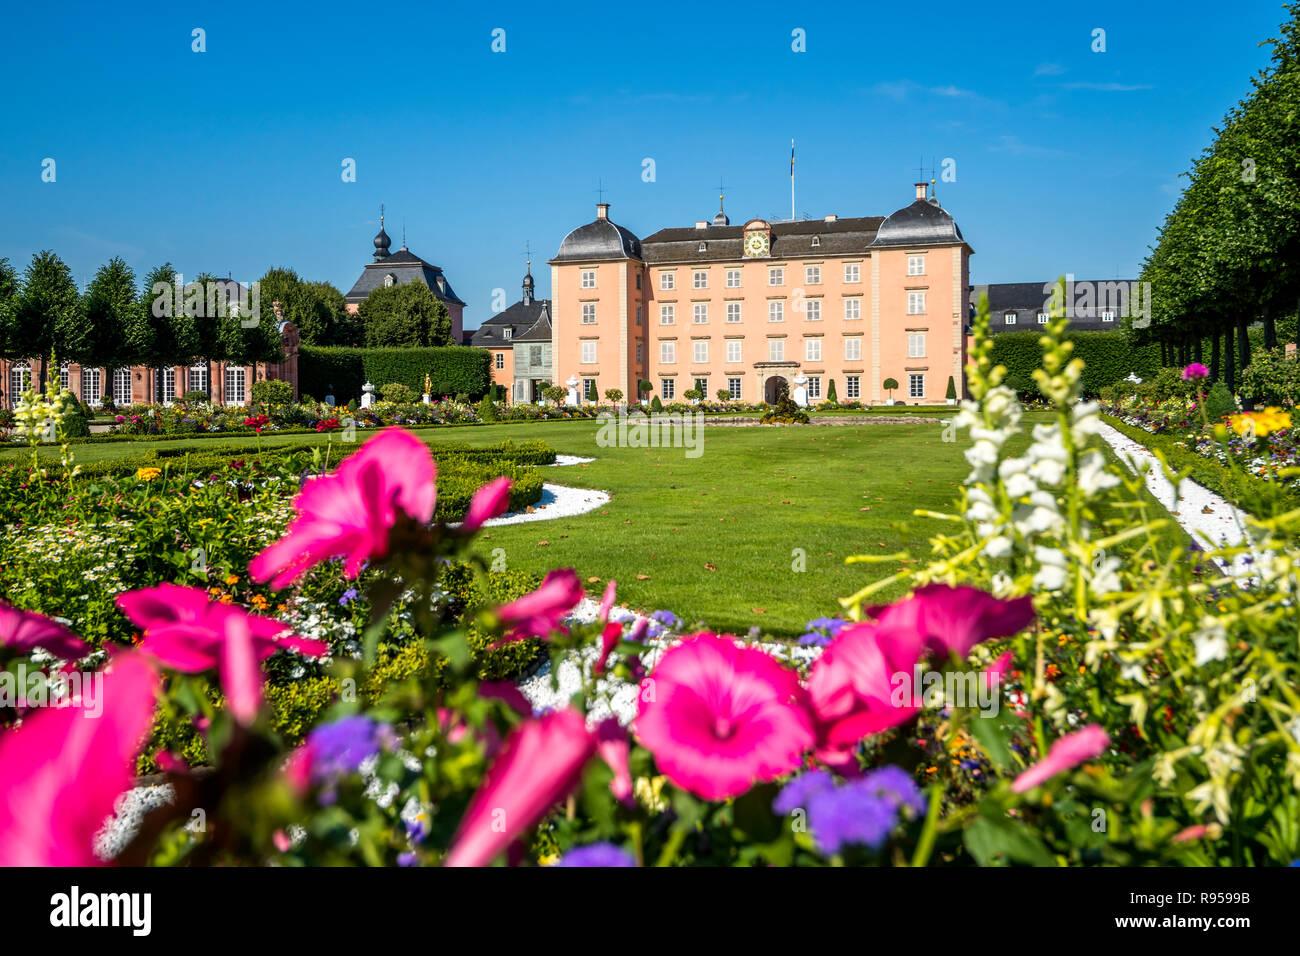 Palace, Schwetzingen, Germany - Stock Image